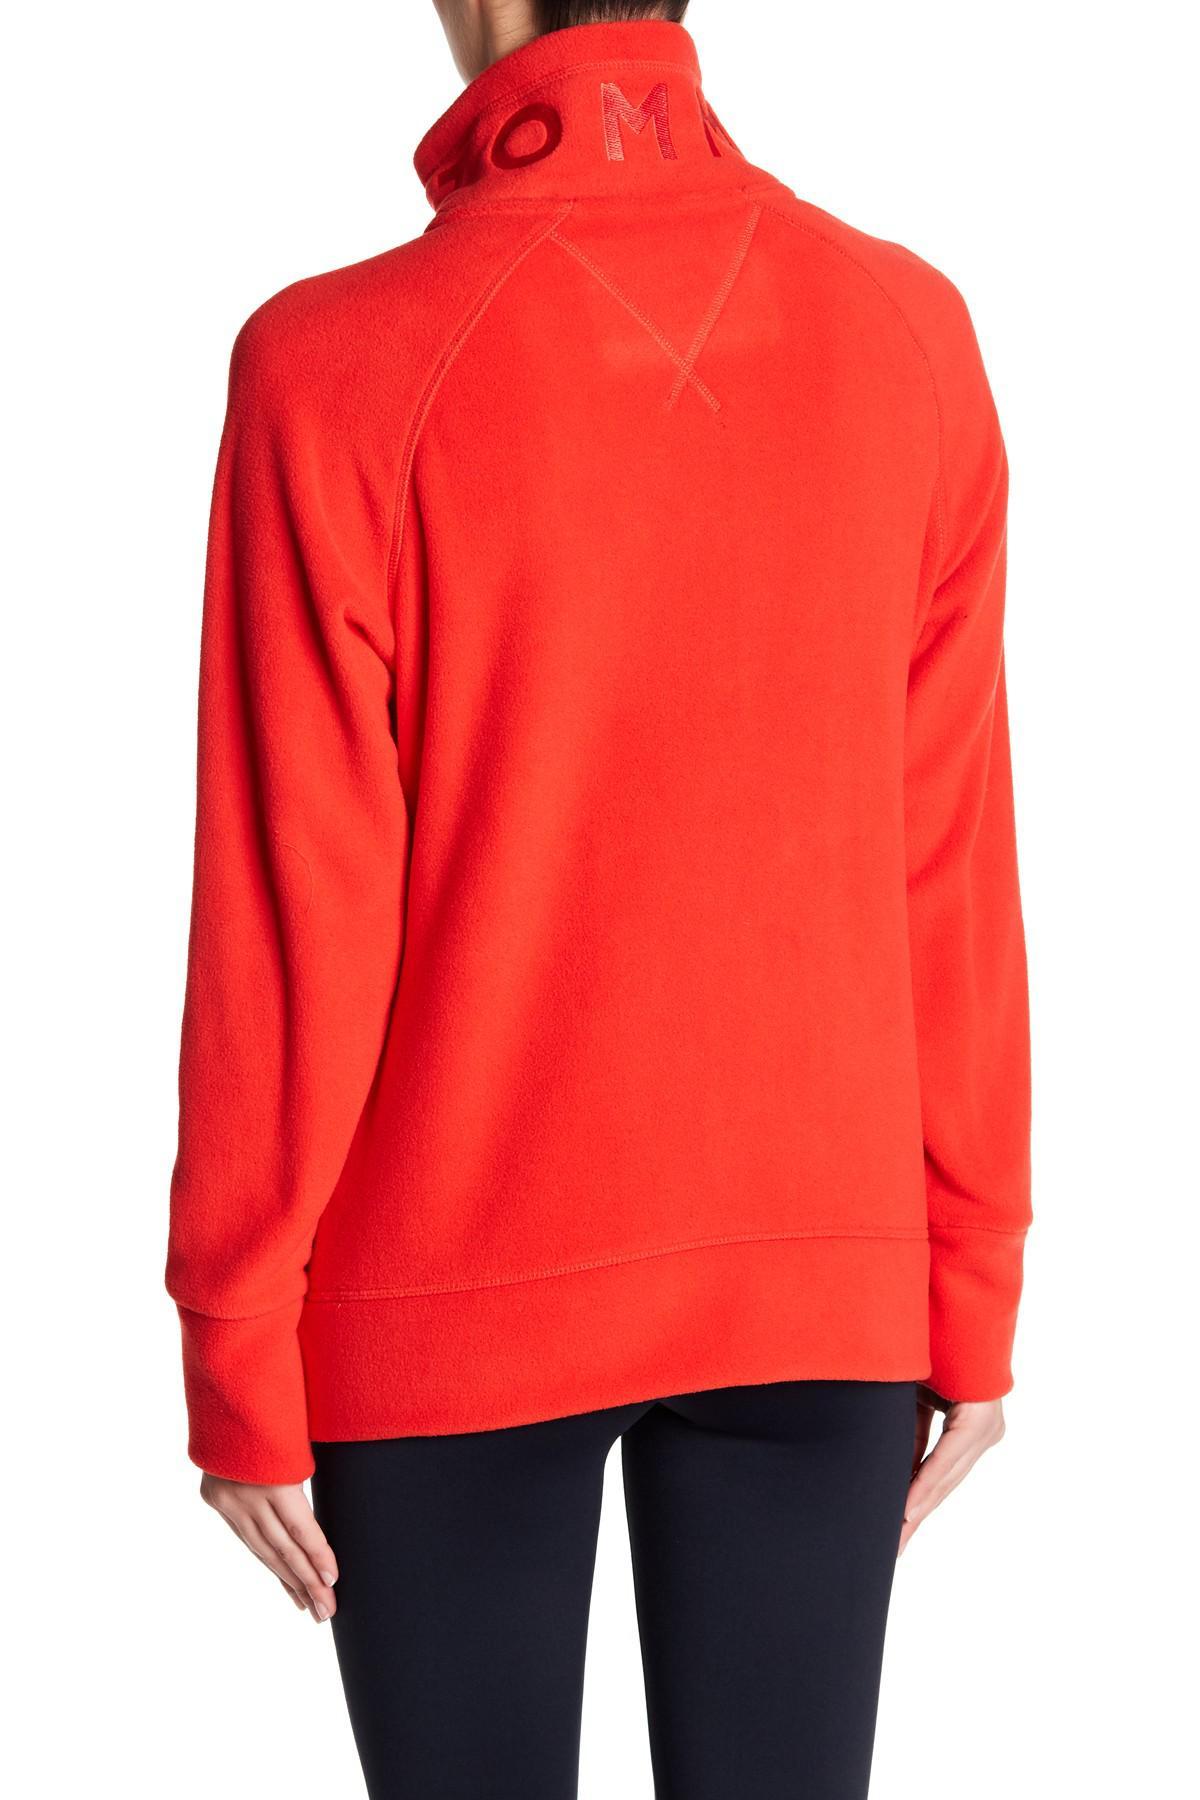 lyst tommy hilfiger front logo pullover in red. Black Bedroom Furniture Sets. Home Design Ideas